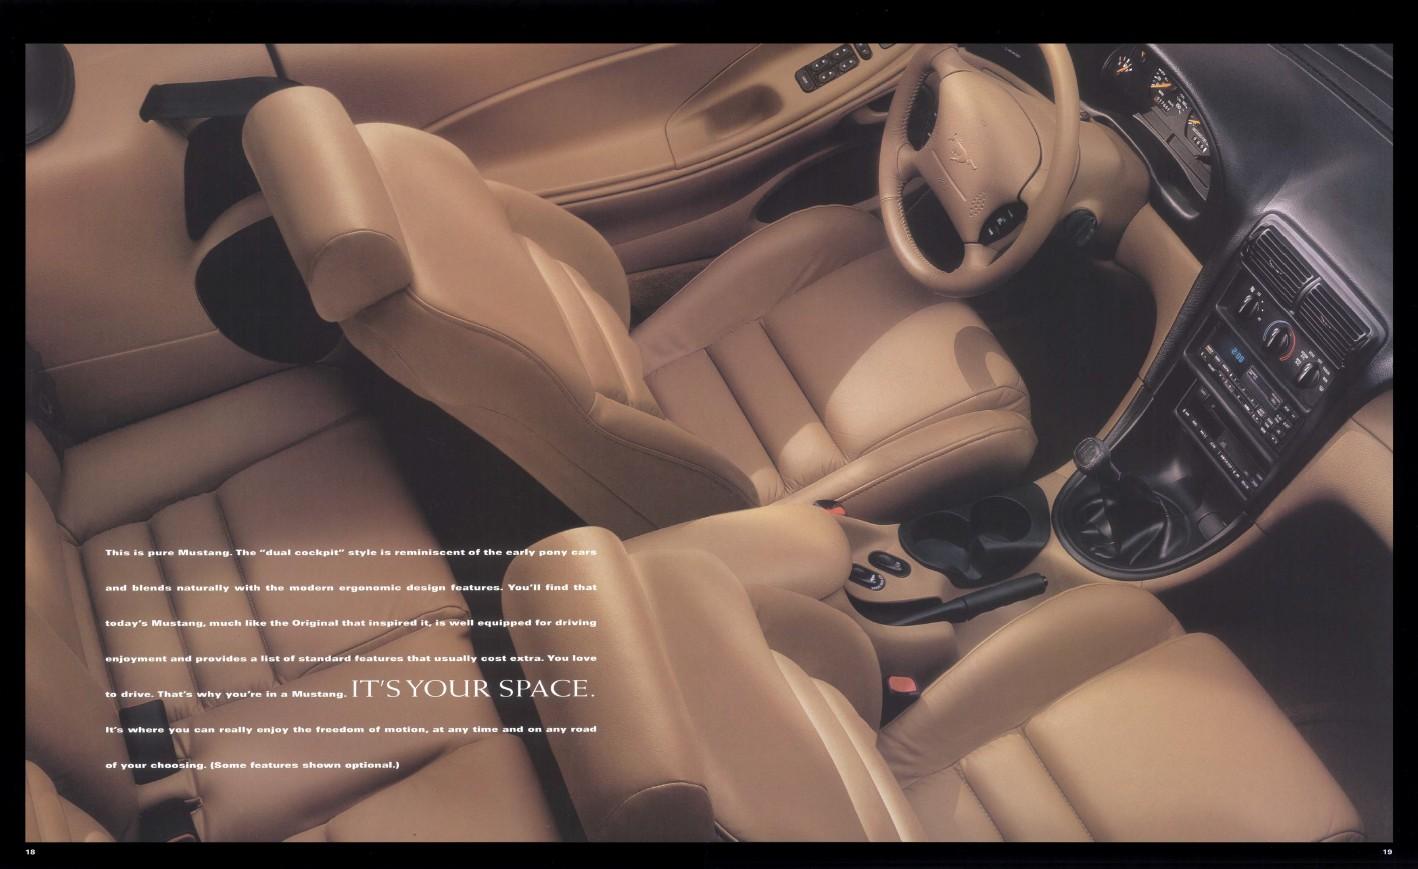 1998-ford-mustang-brochure-09.jpg